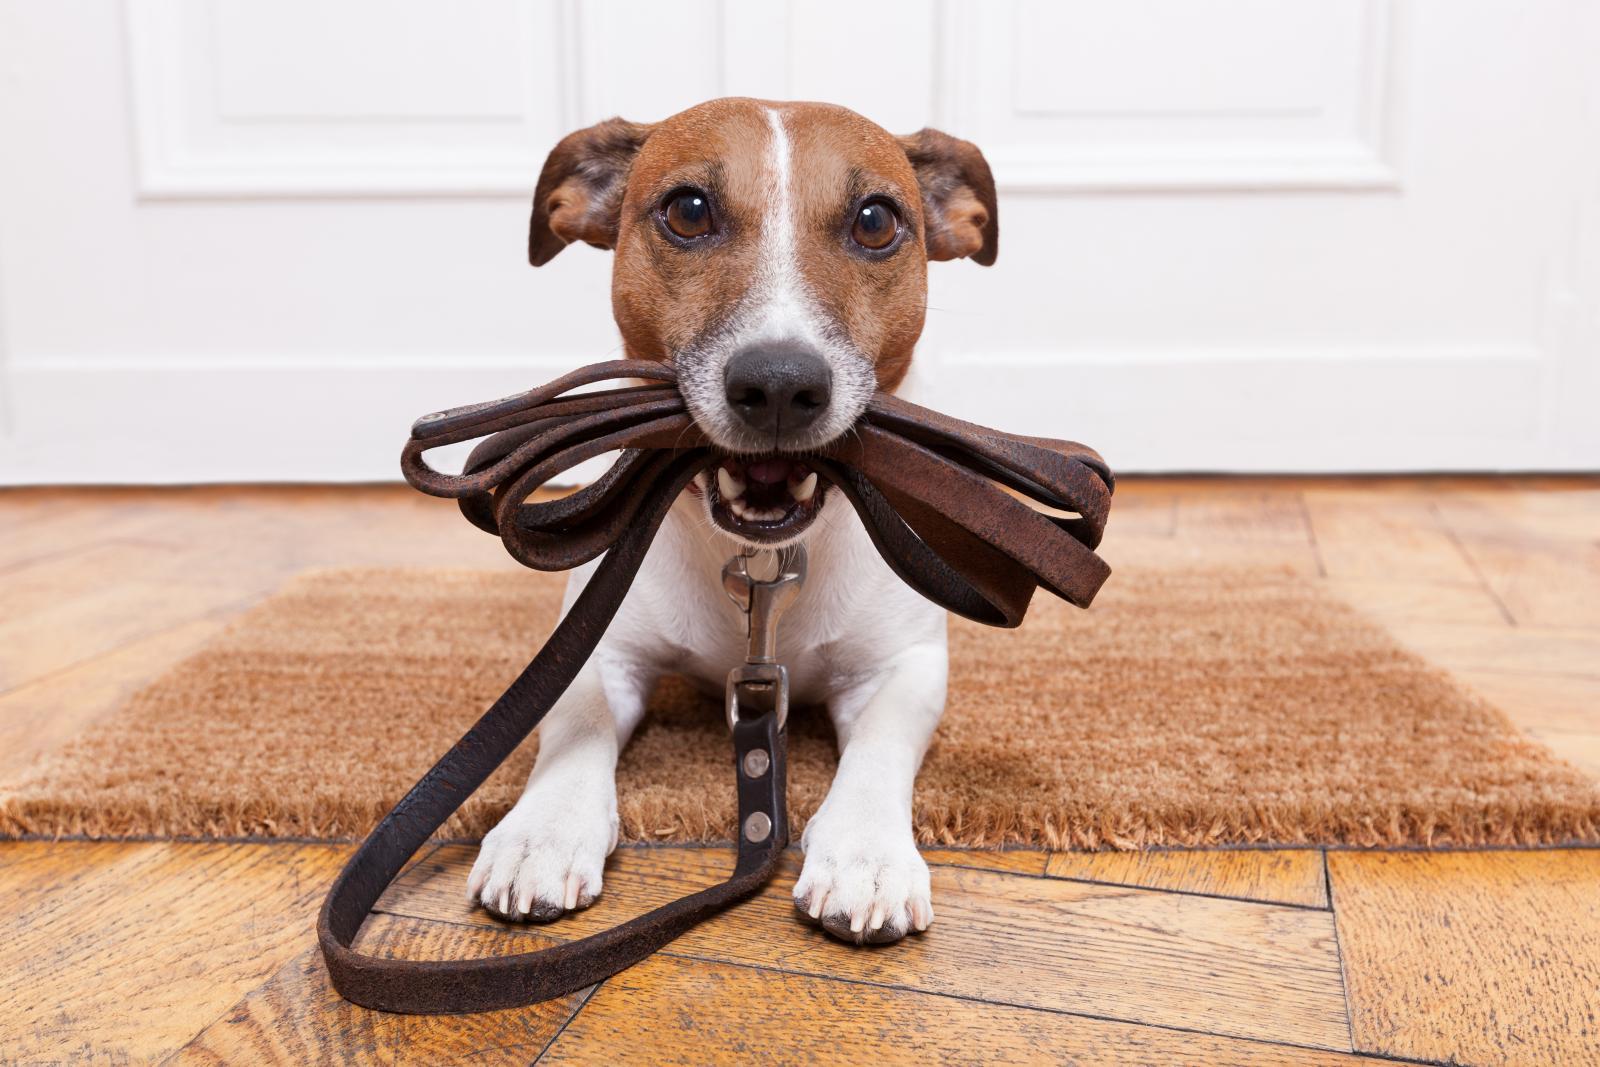 Que peut on apprendre à son chien : quels sont les bases à respecter pour l'apprentissage du chien ?